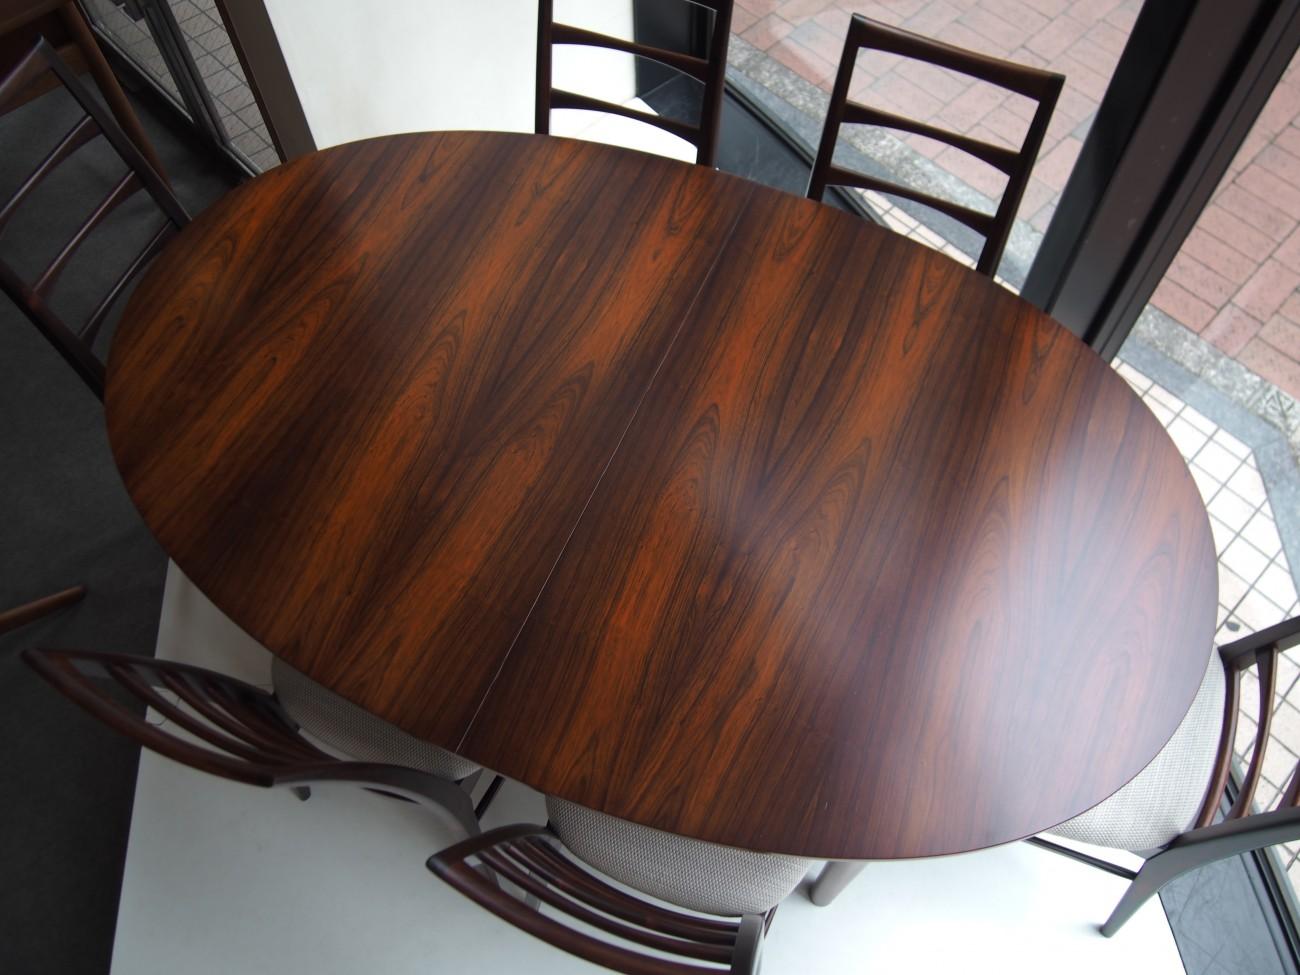 ニールス・コフォード Liz ローズウッドチェアとエクステンションダイニングテーブル A.H.McINTOSH(マッキントッシュ) & CO LTD KIRKCALDY SCOTLAND ビンテージ北欧家具のセットの天板アップ